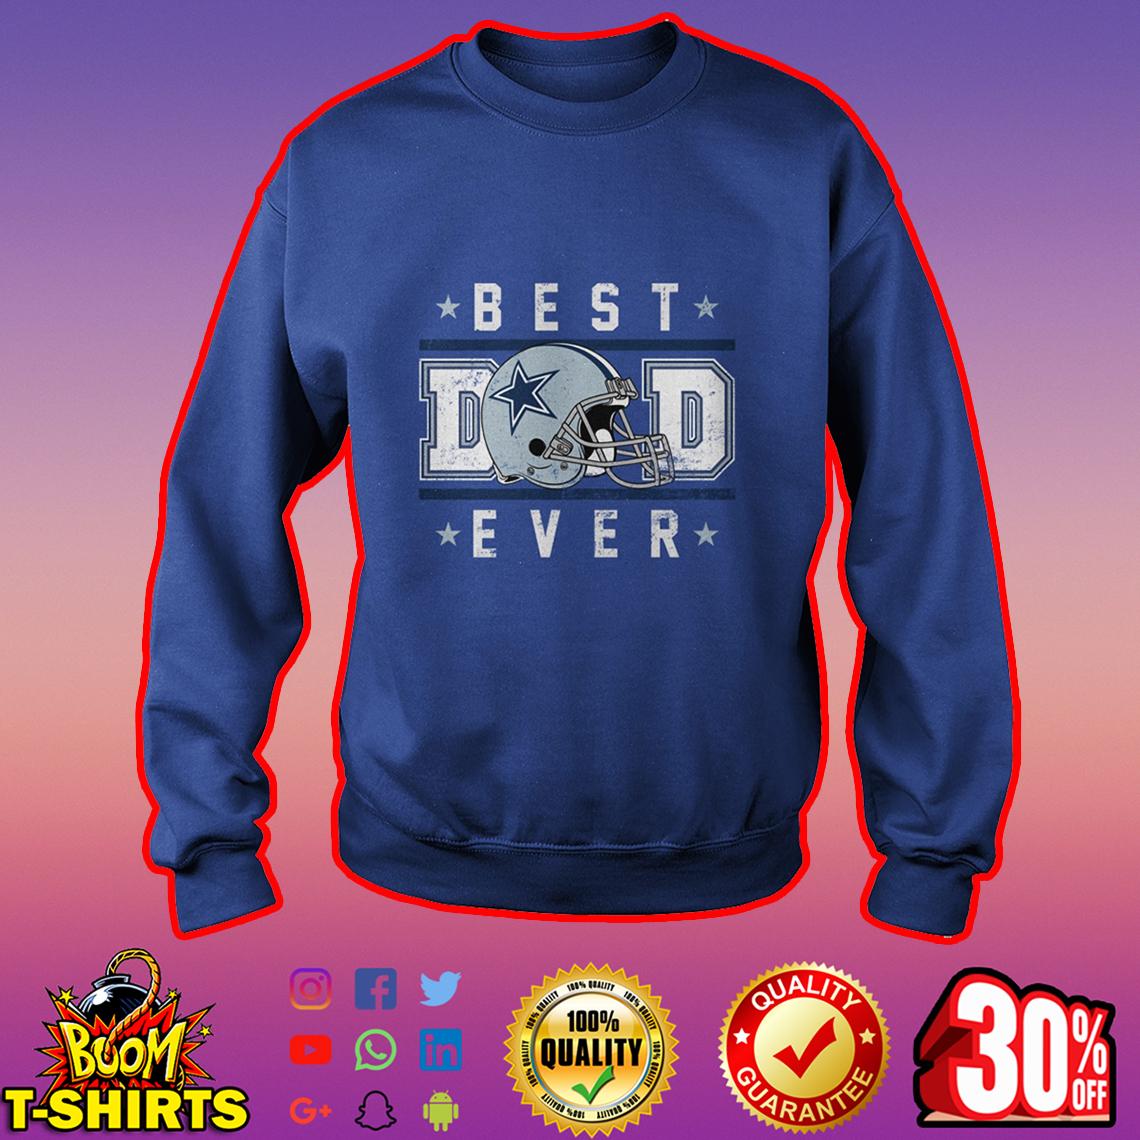 Dallas Cowboys Best Dad Ever sweatshirt